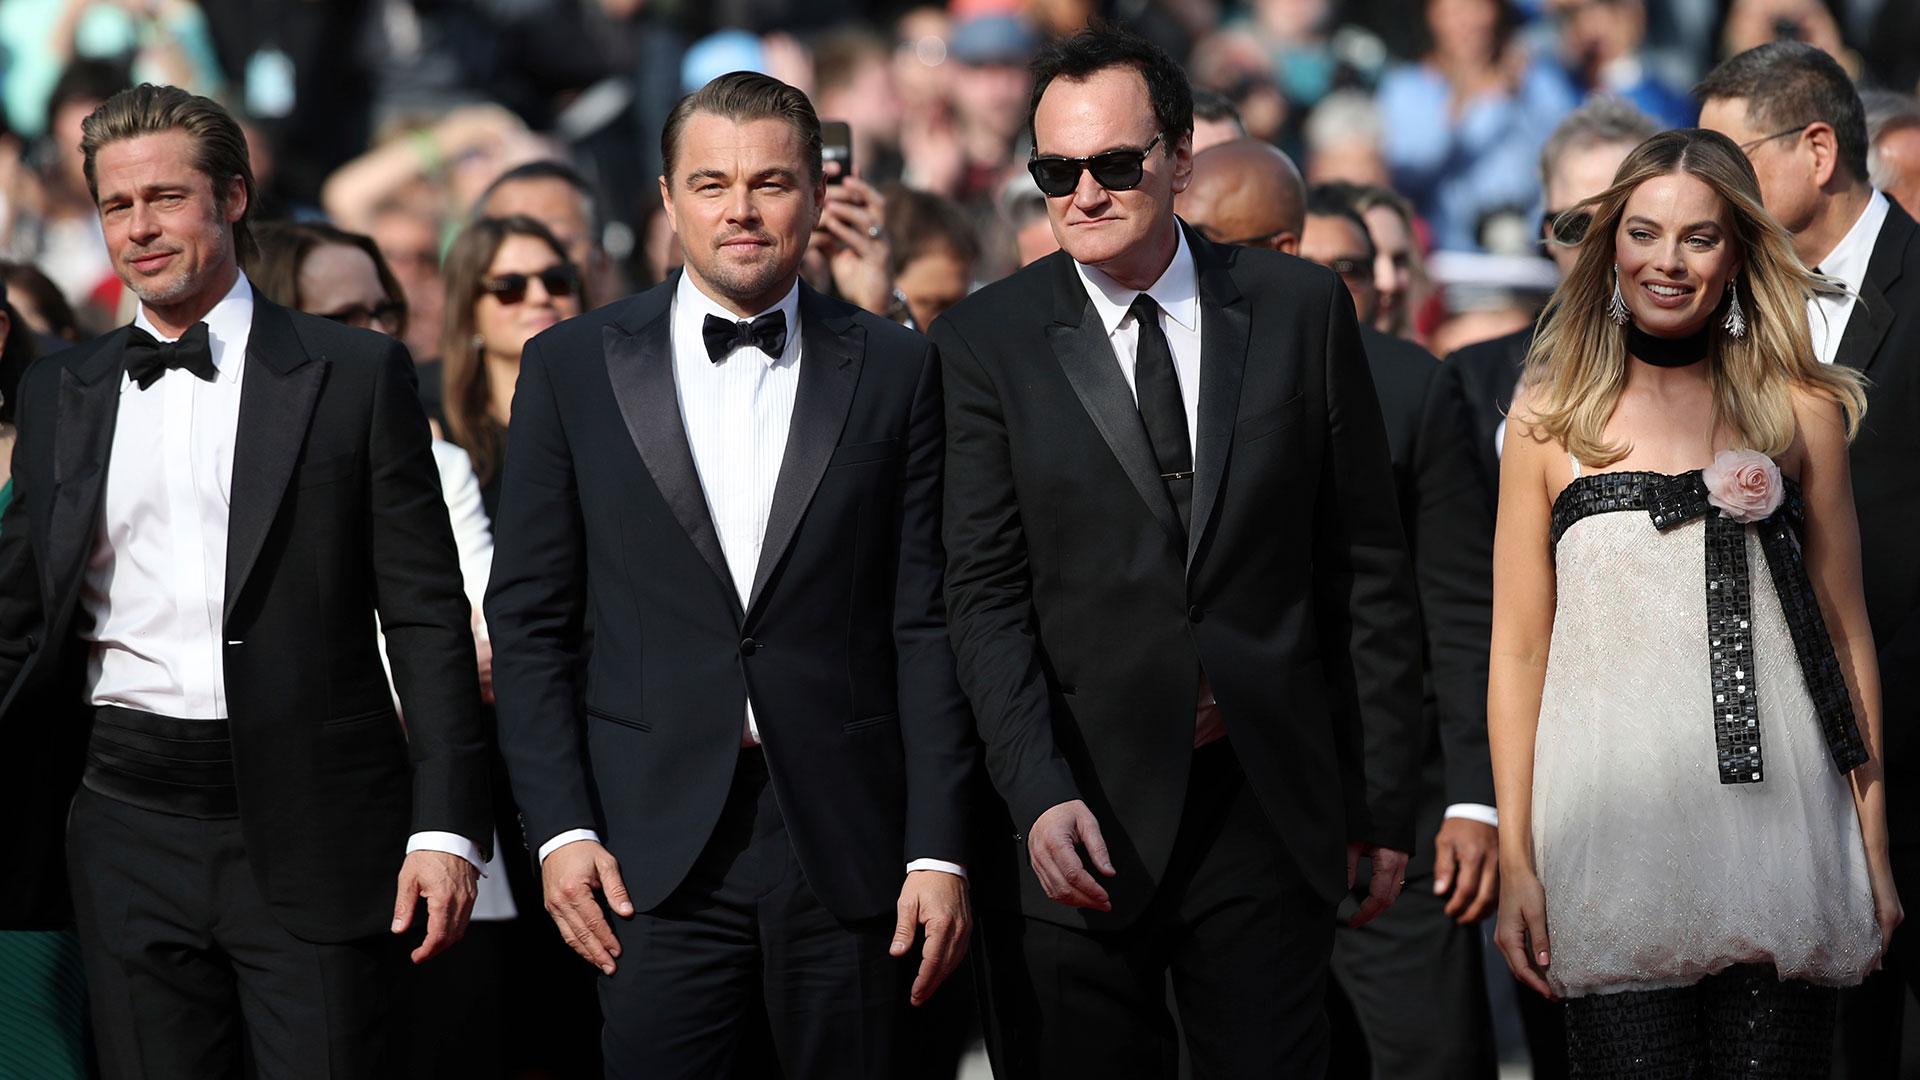 Se cancela la Master Class de Quentin Tarantino en CDMX Excelsior